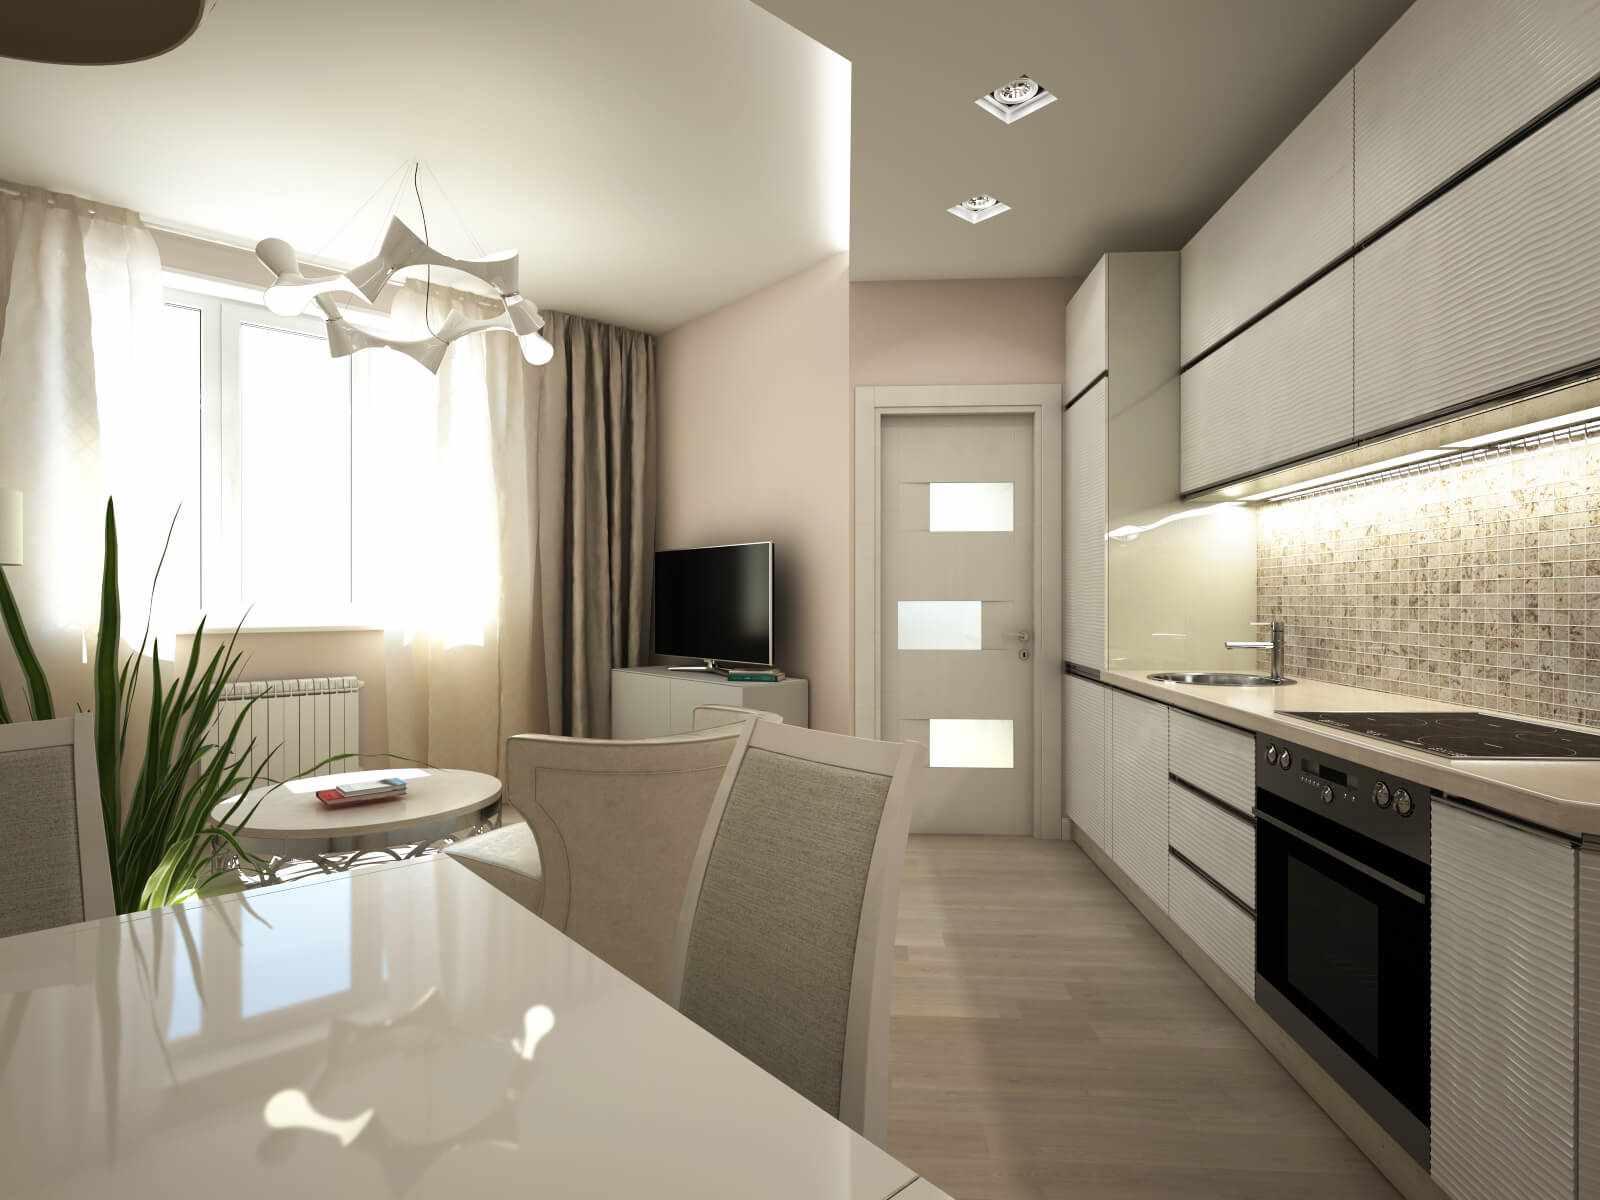 variante d'un plafond lumineux dans la cuisine